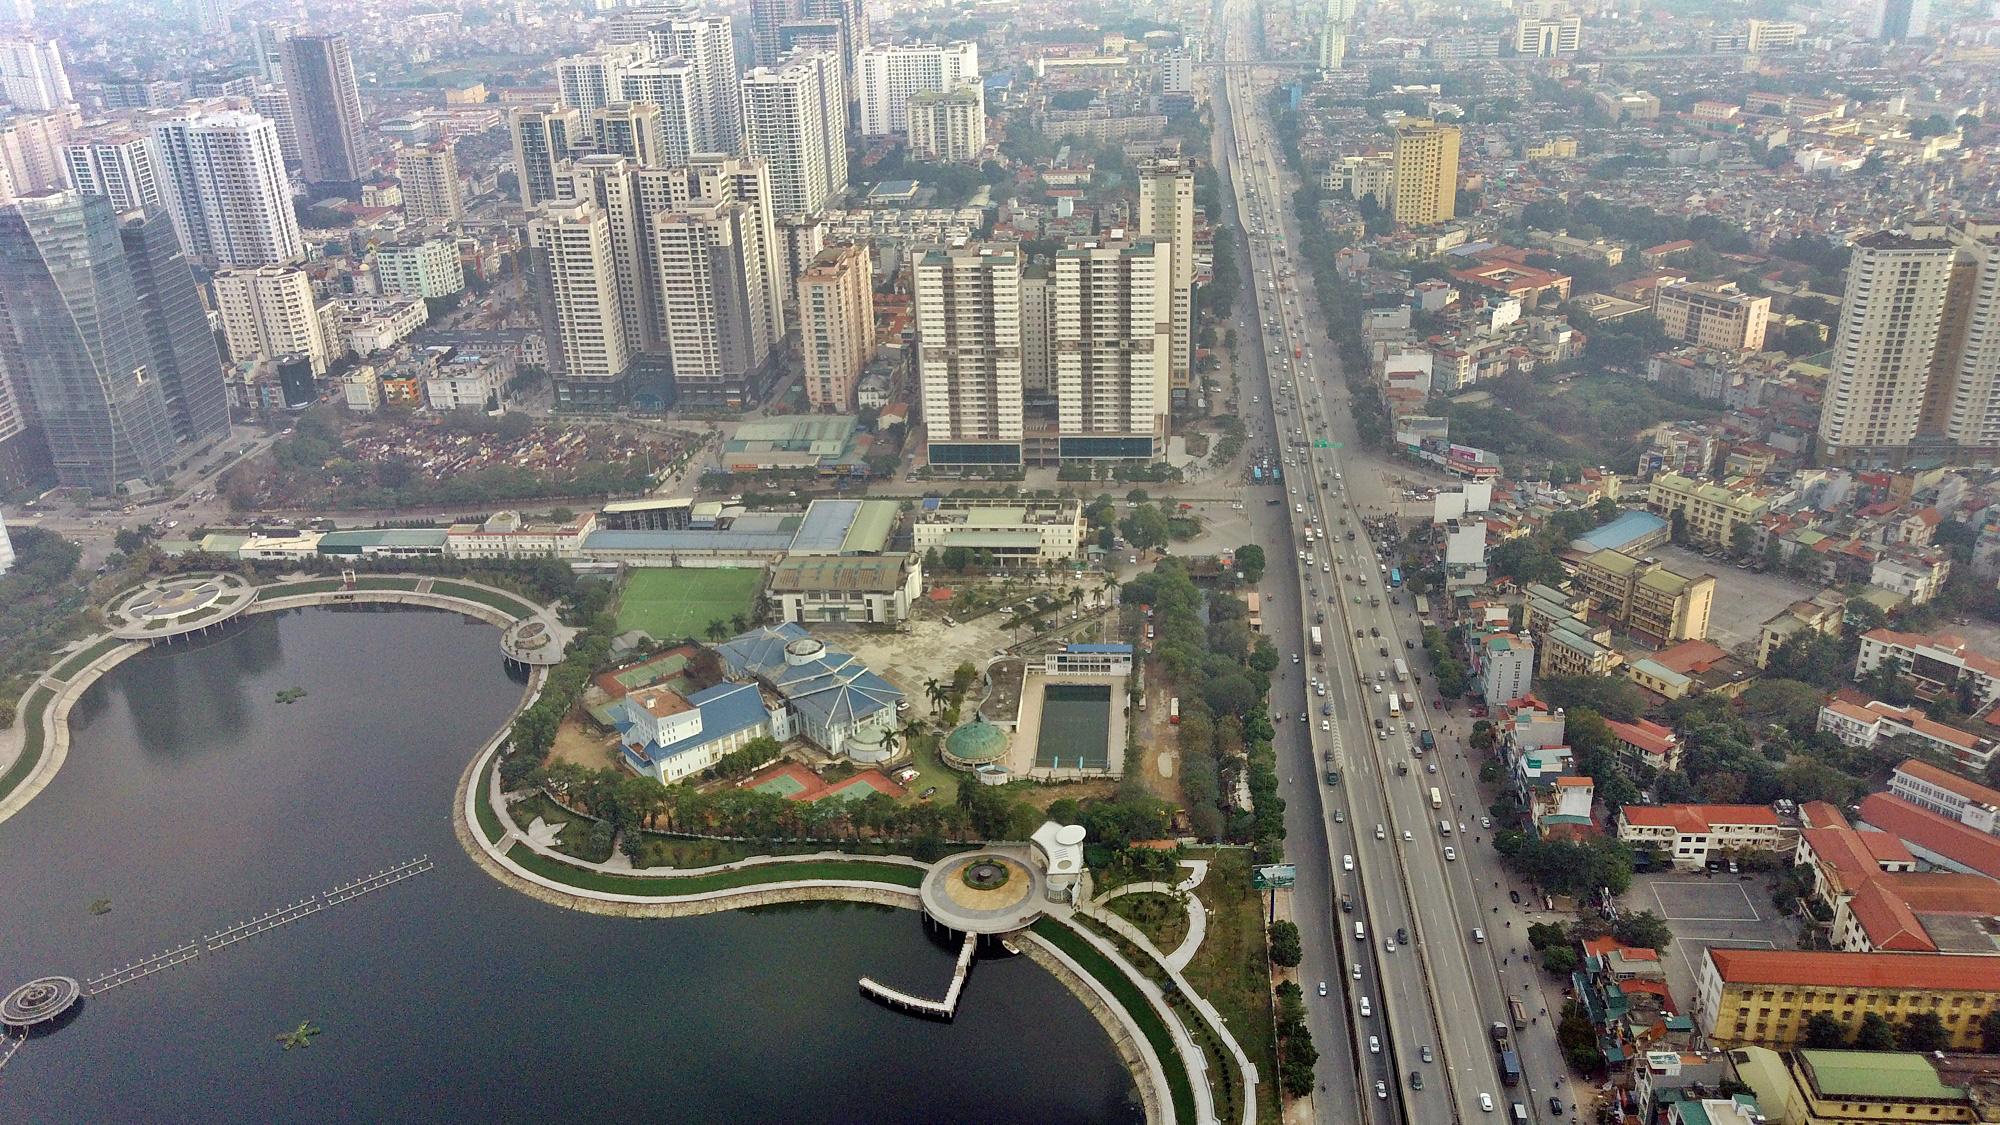 Toàn cảnh khu vực xây hầm chui Lê Văn Lương - Vành đai 3 gần 700 tỉ đồng - Ảnh 1.